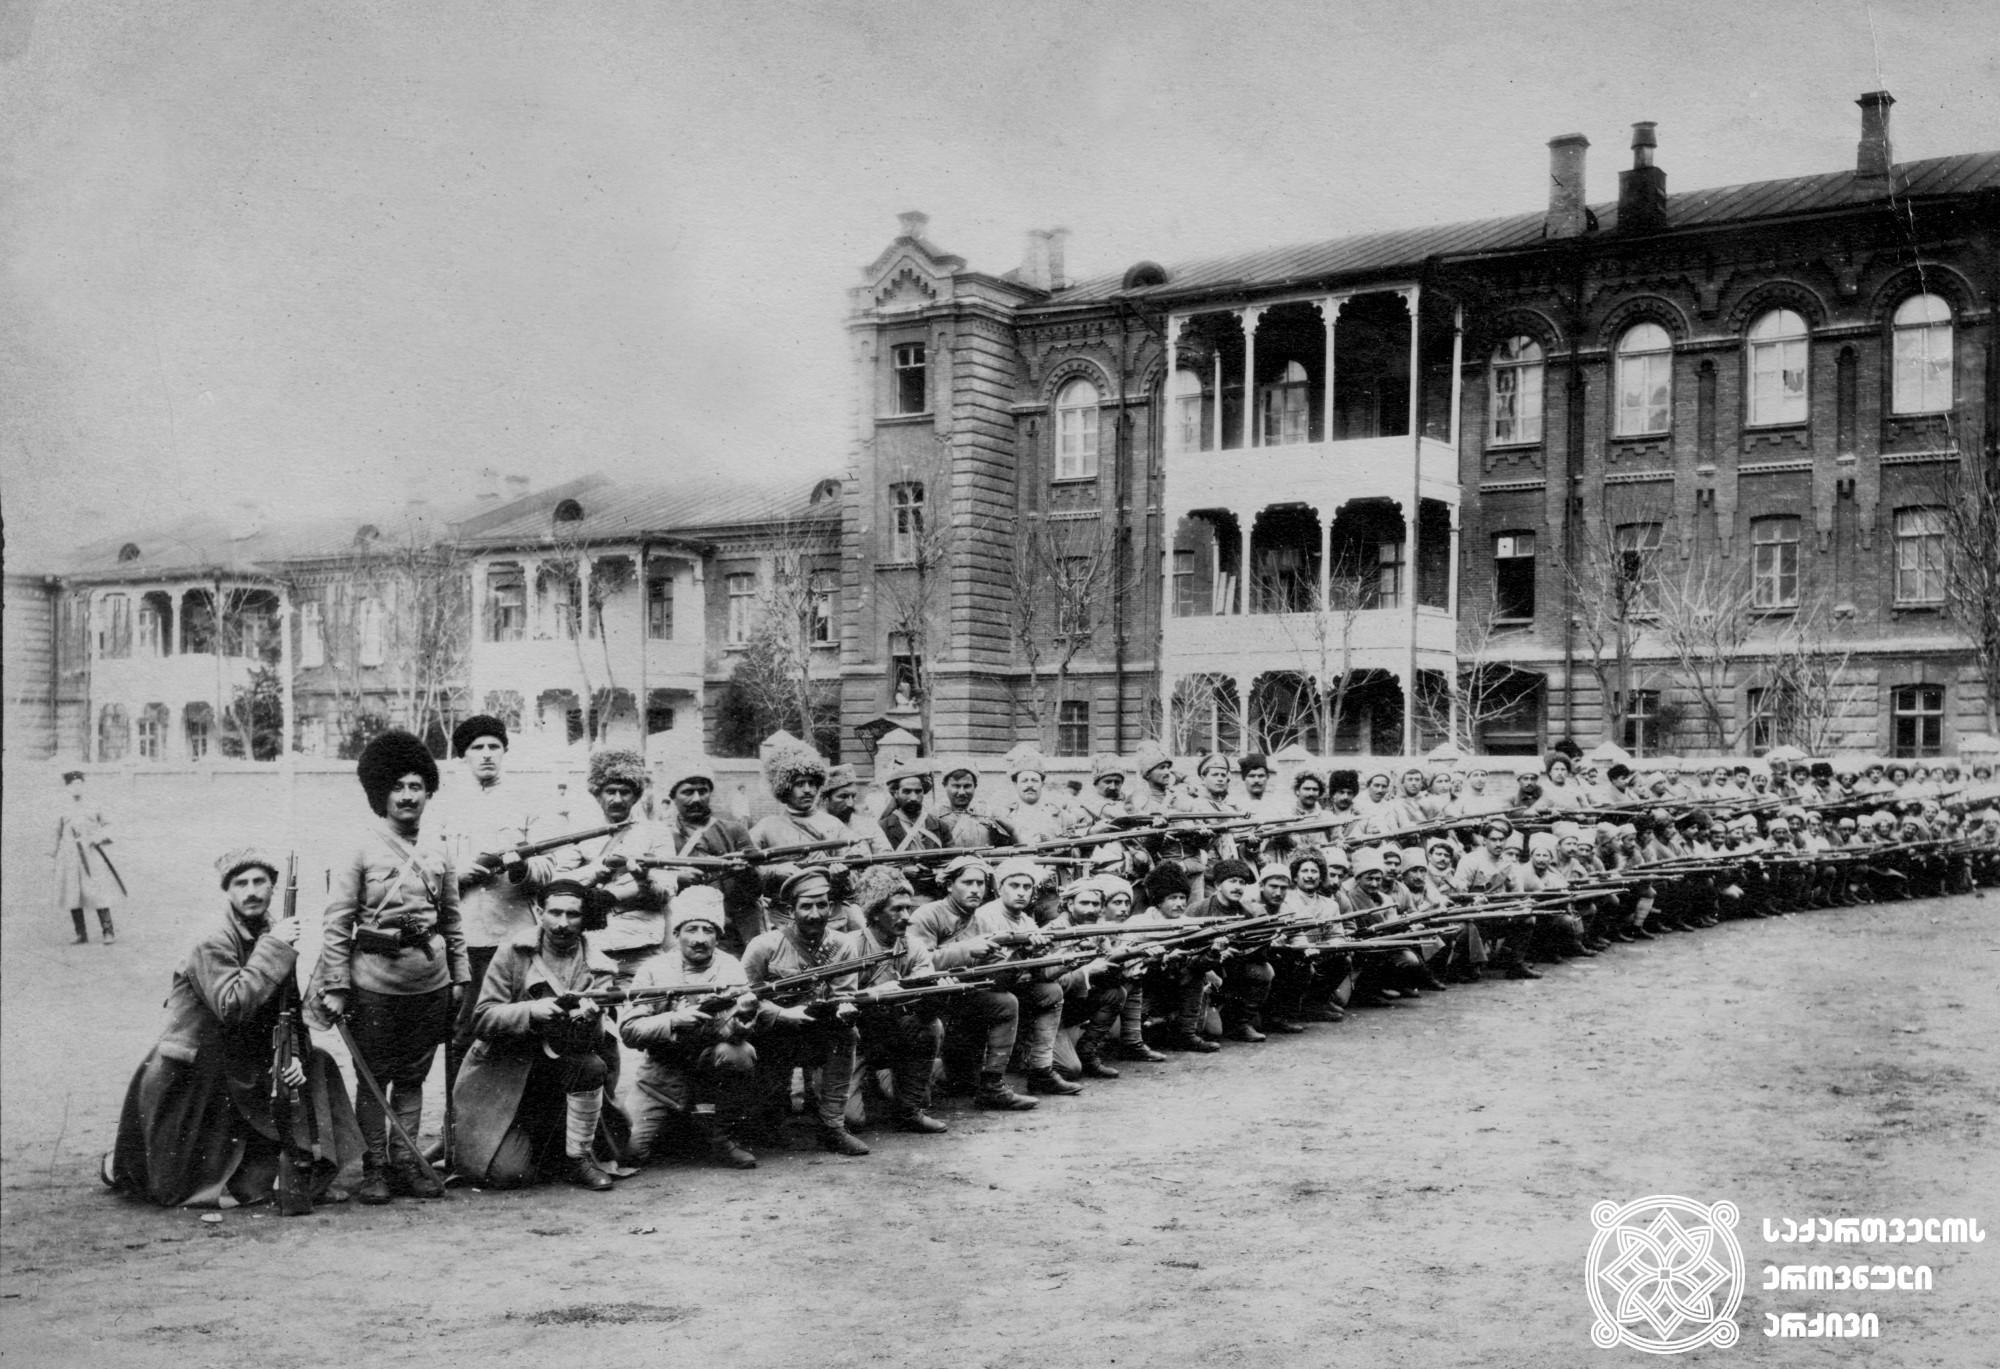 საქართველოს სახალხო გვარდიის ქვეითი ჯარისკაცები. <br>  თბილისი, 1920-1921 წლები. <br>  The infantry soldiers of the People's Guard of Georgia. <br>  Tbilisi, 1920-1921.